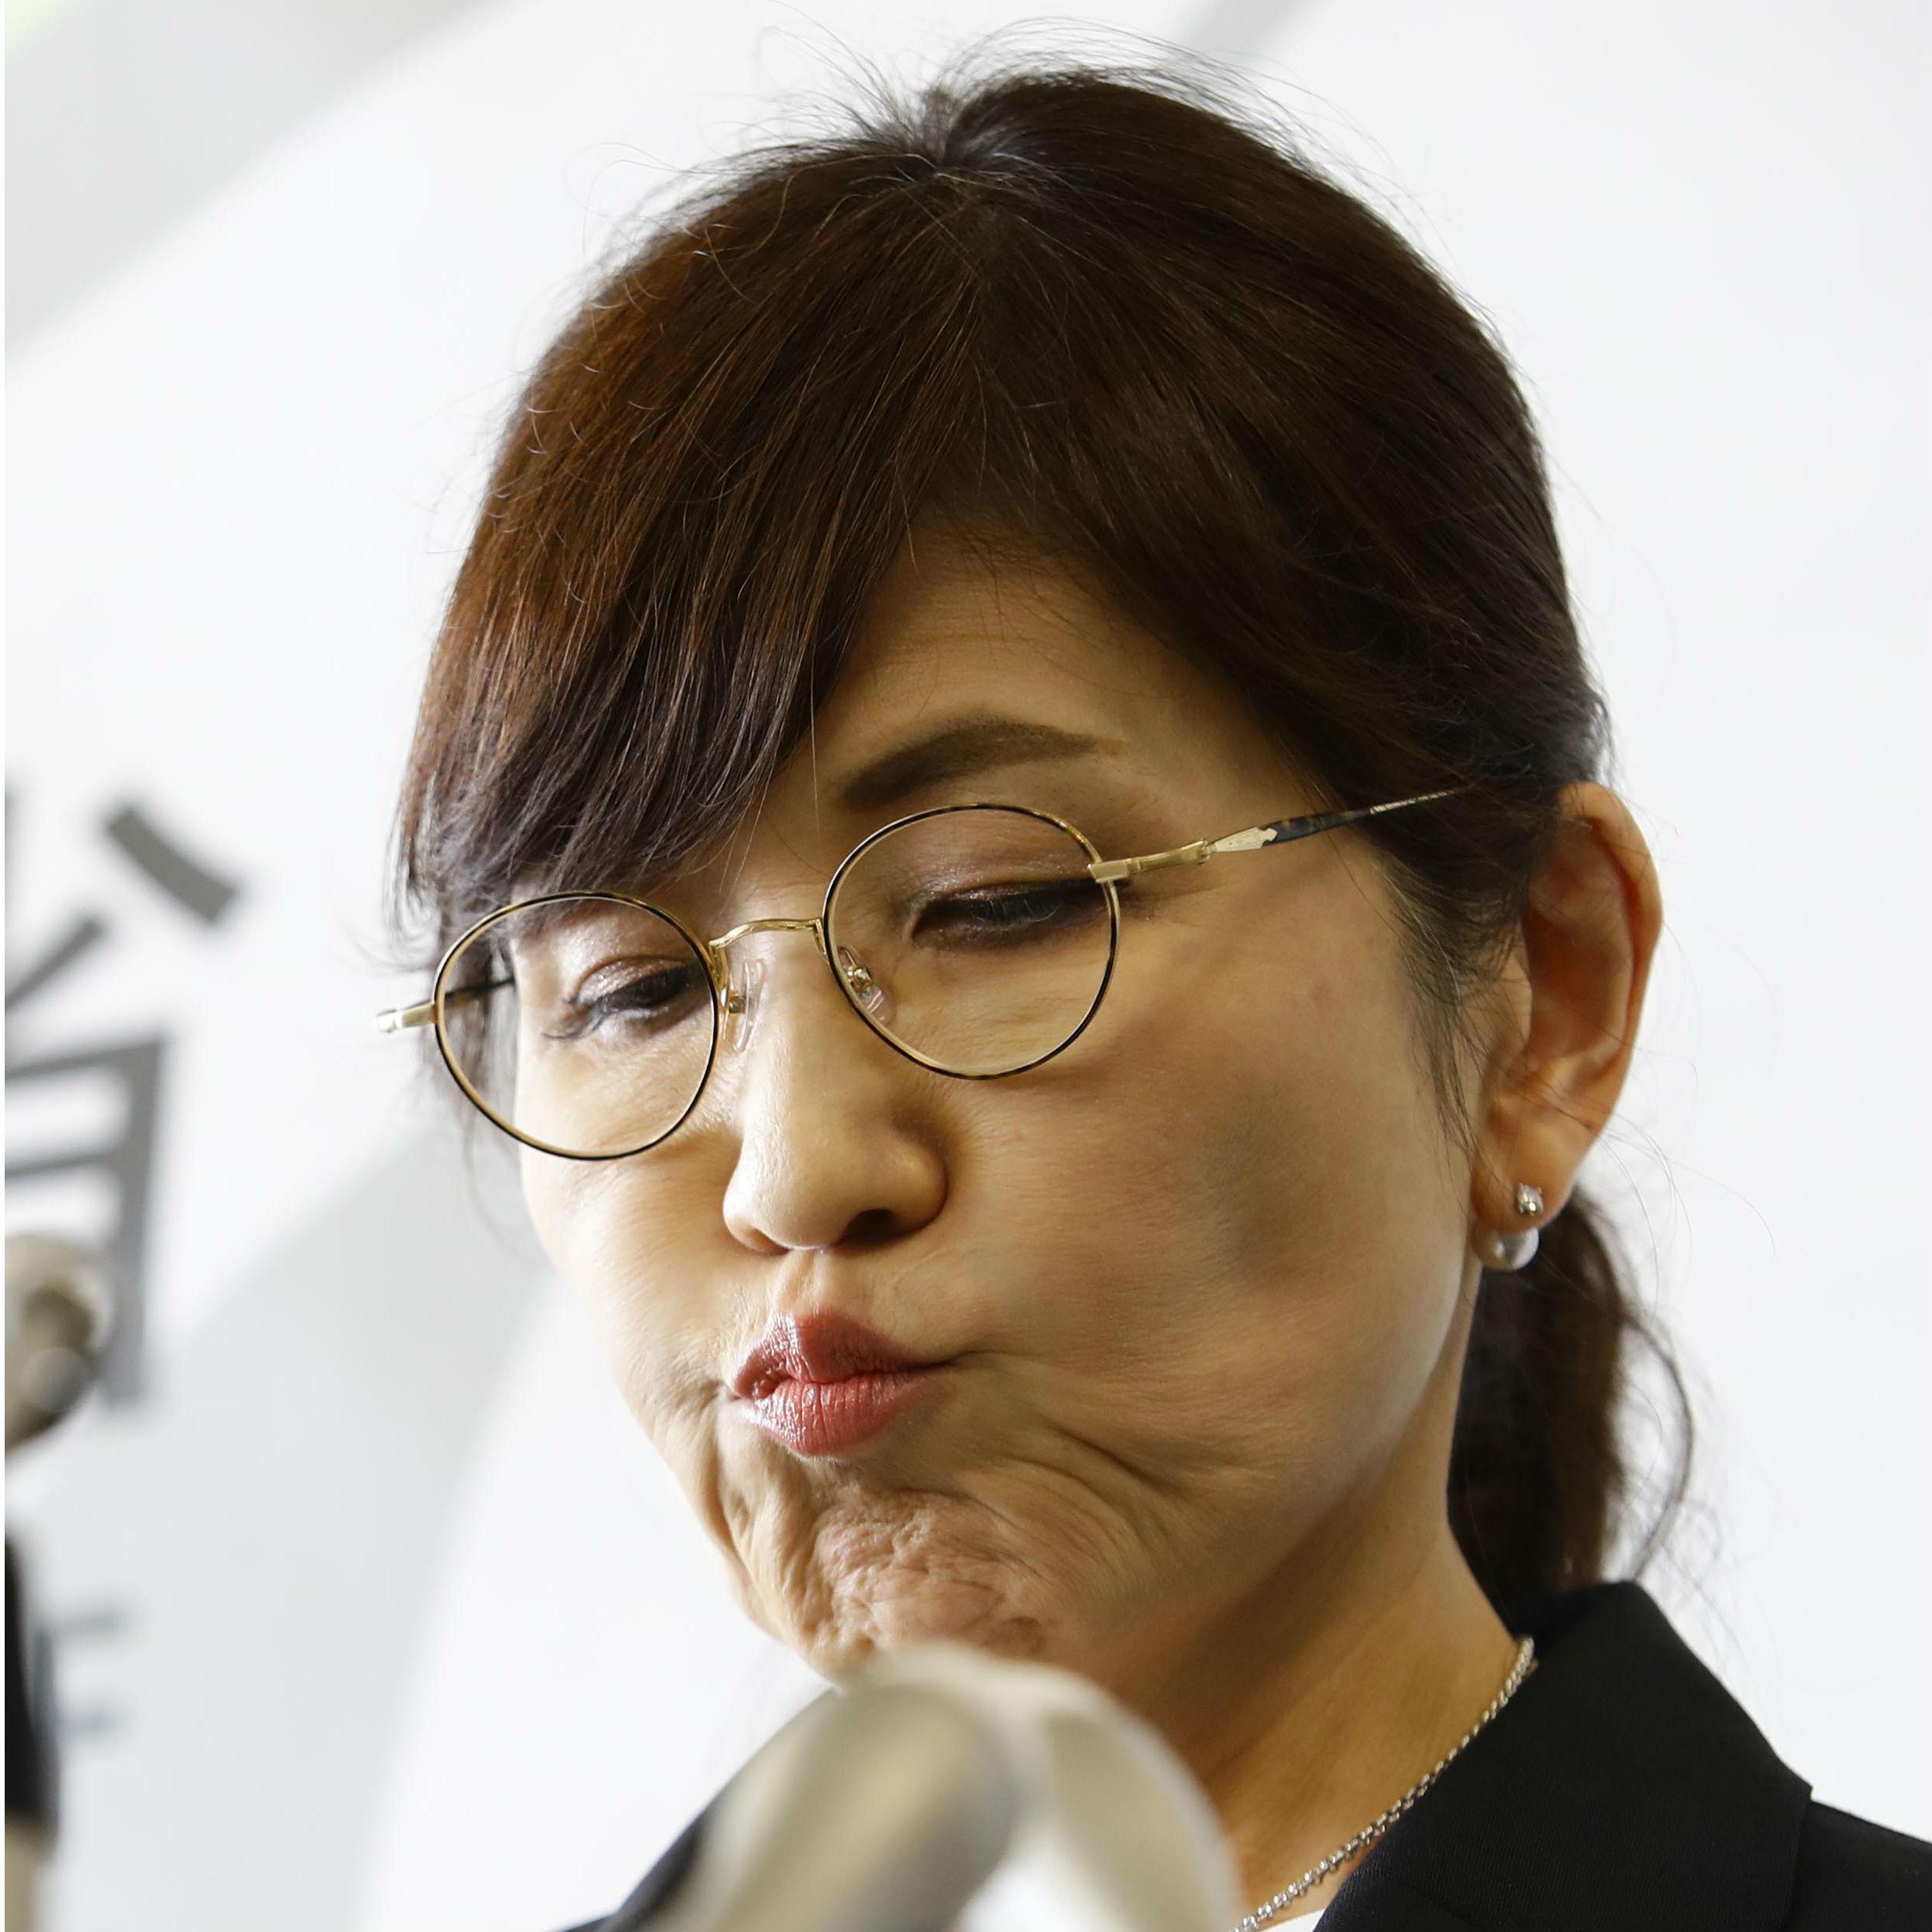 稲田朋美防衛大臣の辞意。いまあらためて考えたい「国防」のあるべき姿